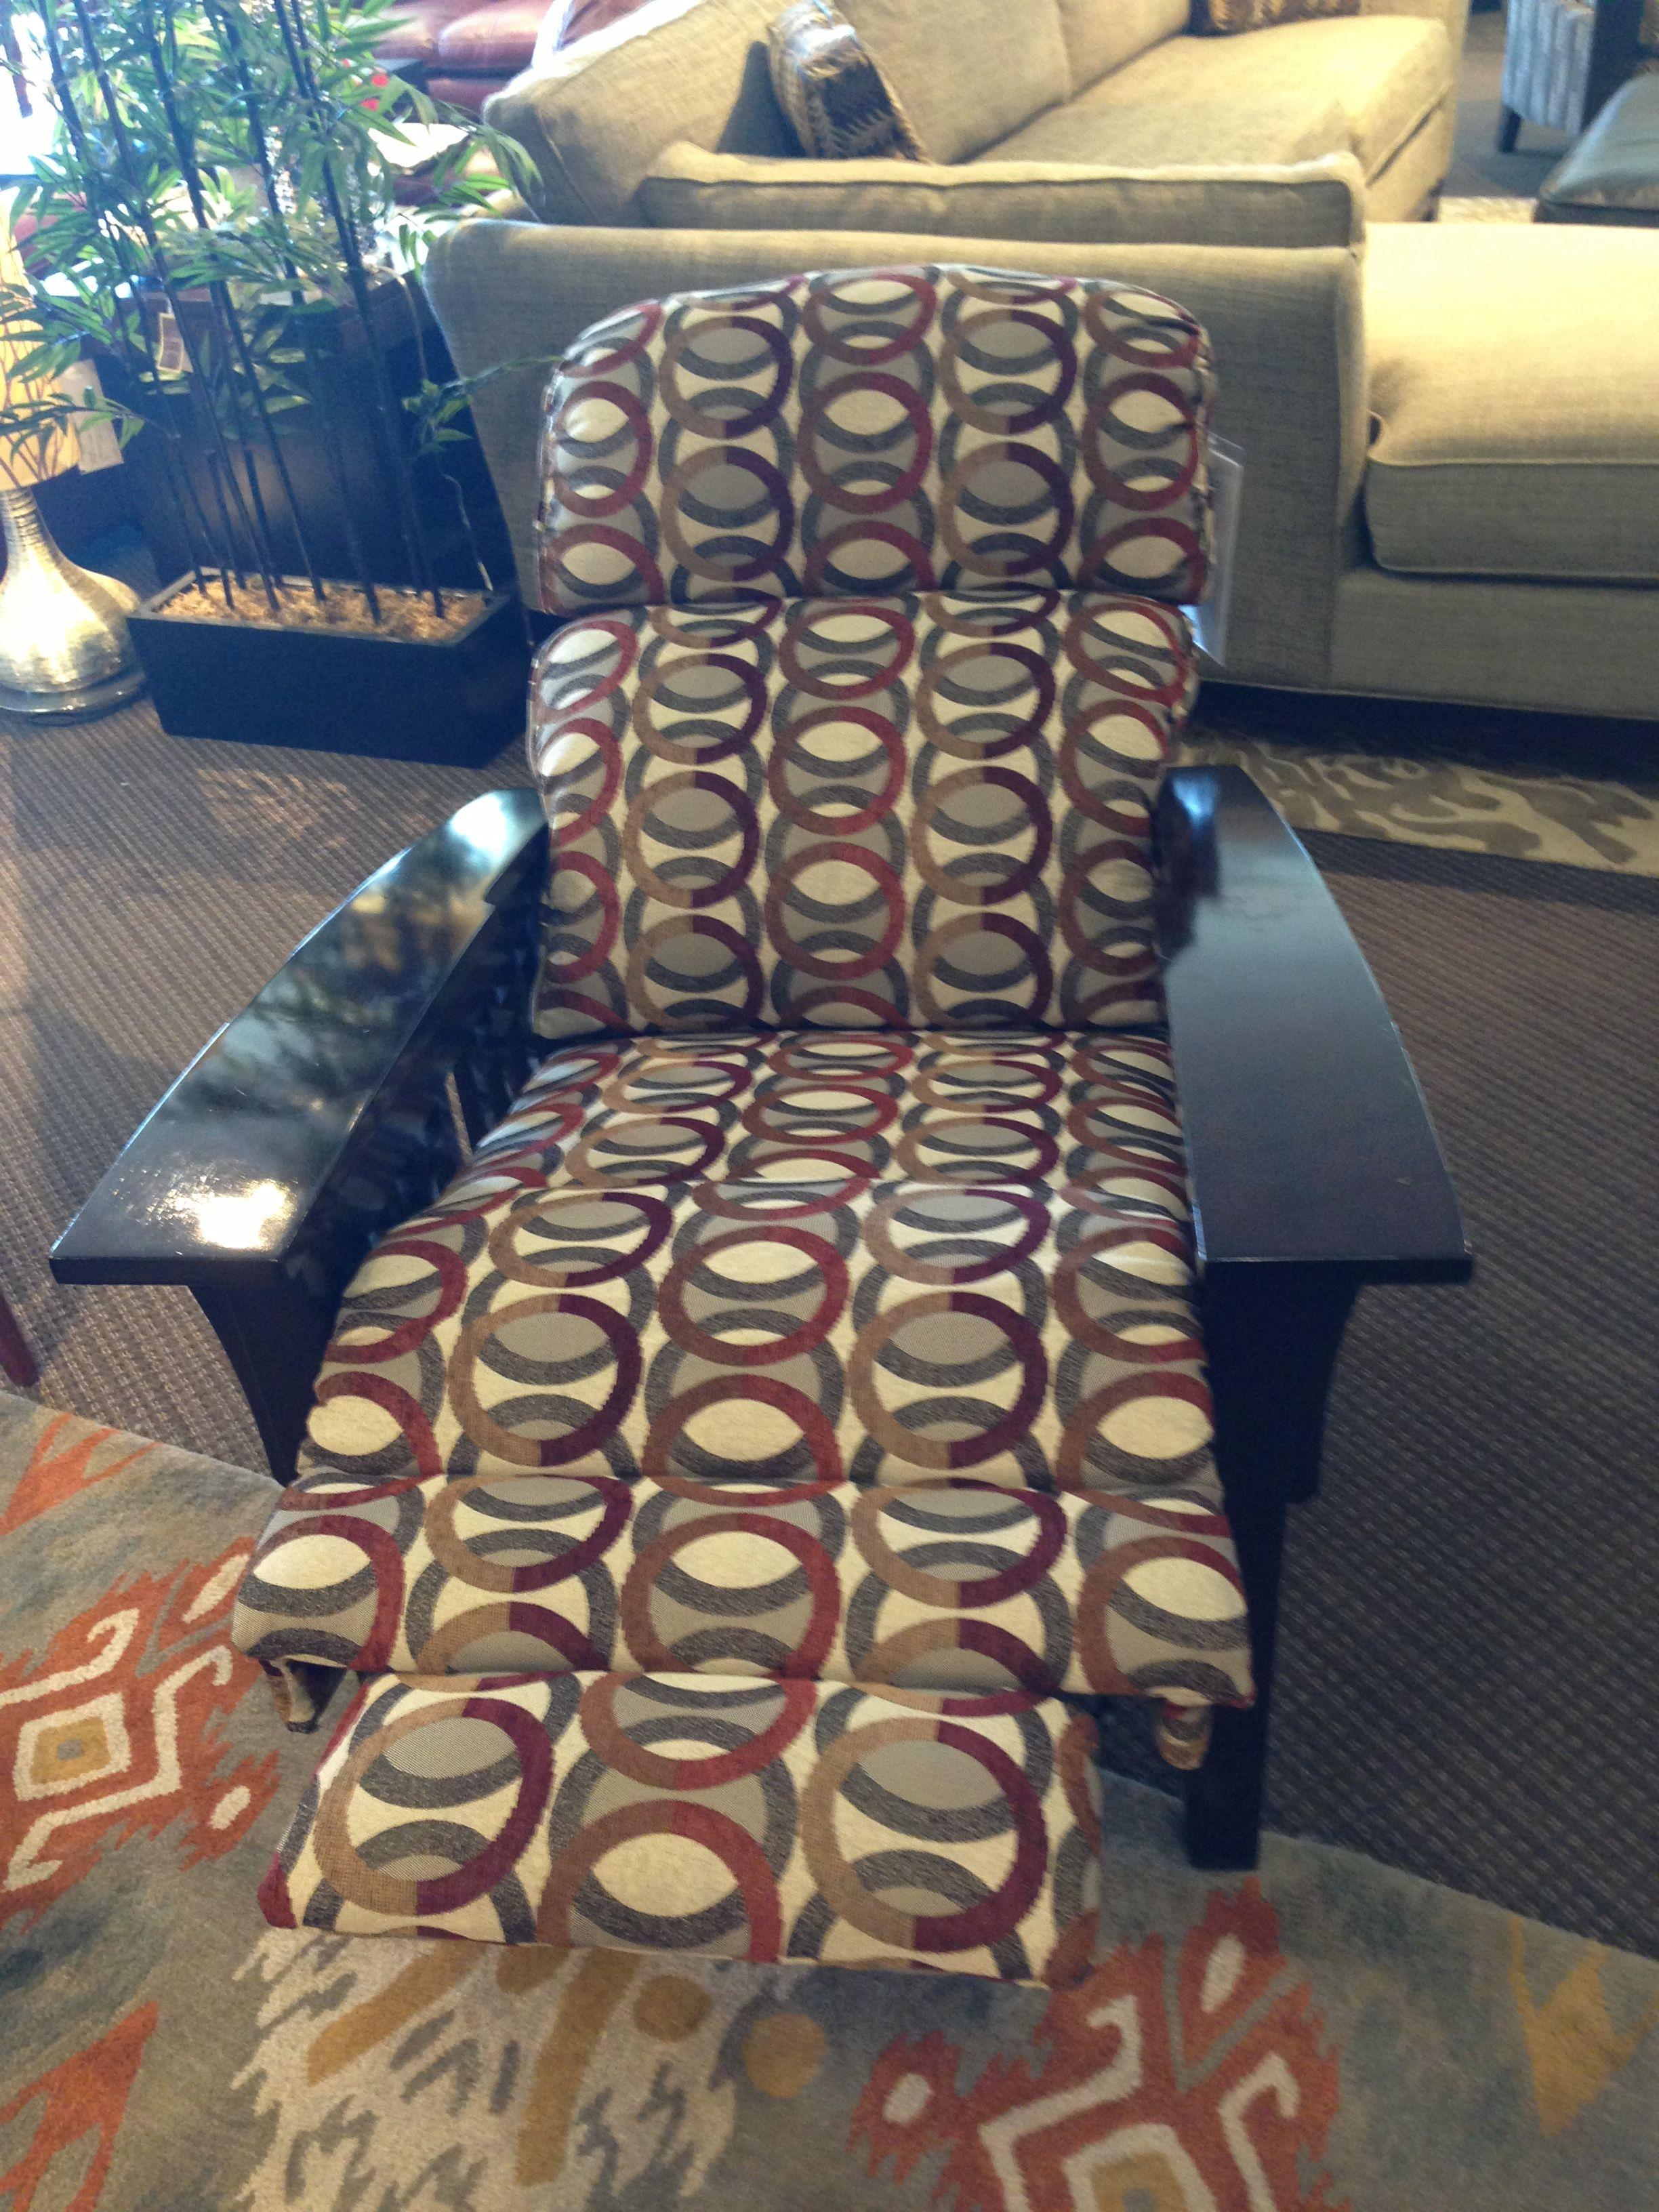 Lazy Boy Design A Room: Lazy Boy Furniture Gallery